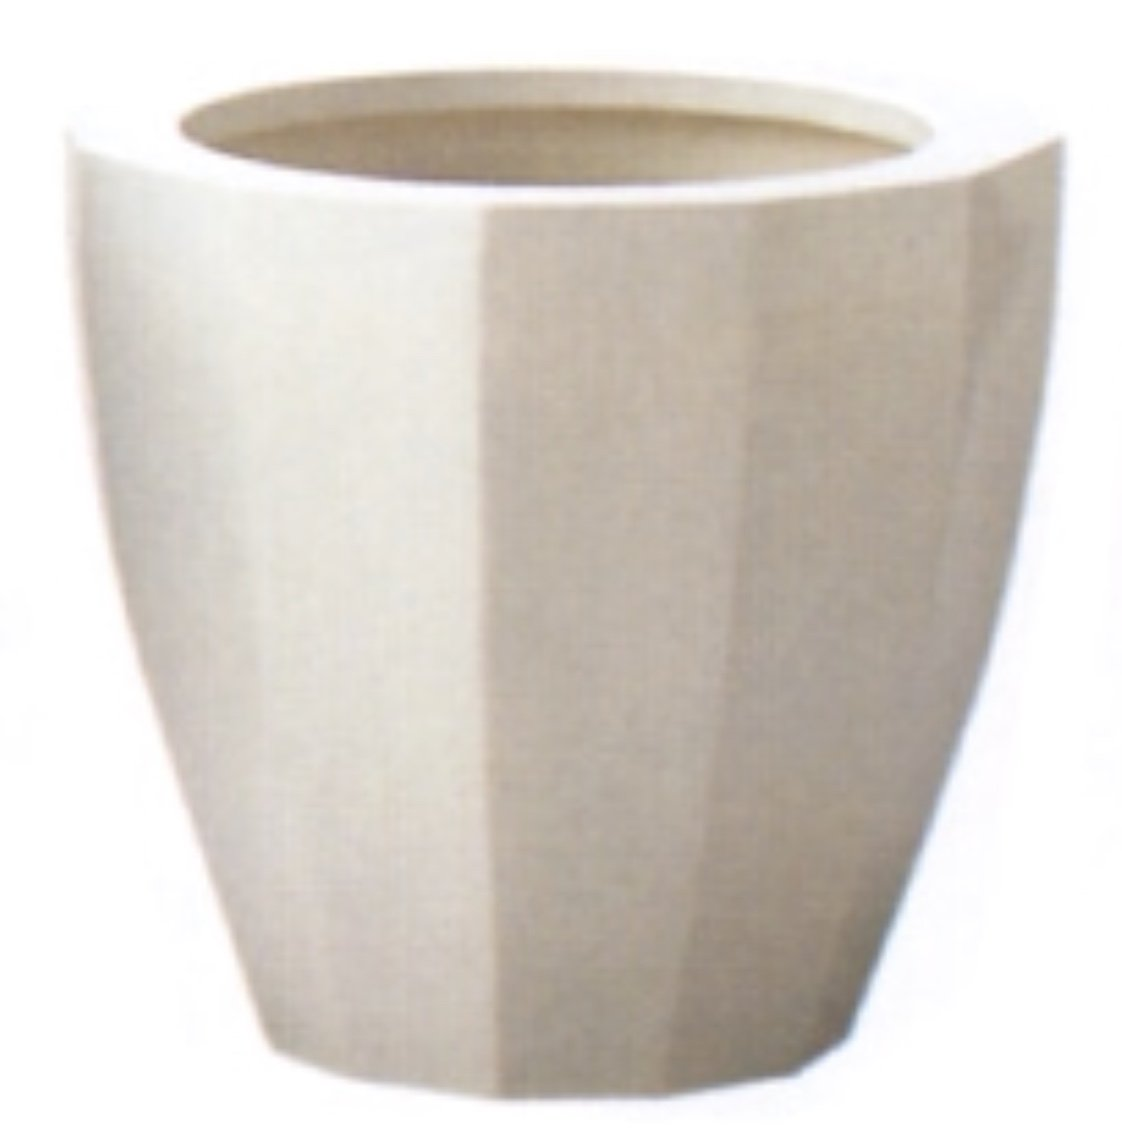 アドミナ 鉢カバー 10号用 47cm ホワイト【ネオモダン N-12】 陶器 信楽焼き 穴なし おしゃれ B079W3ZWCV 10号|ホワイト ホワイト 10号